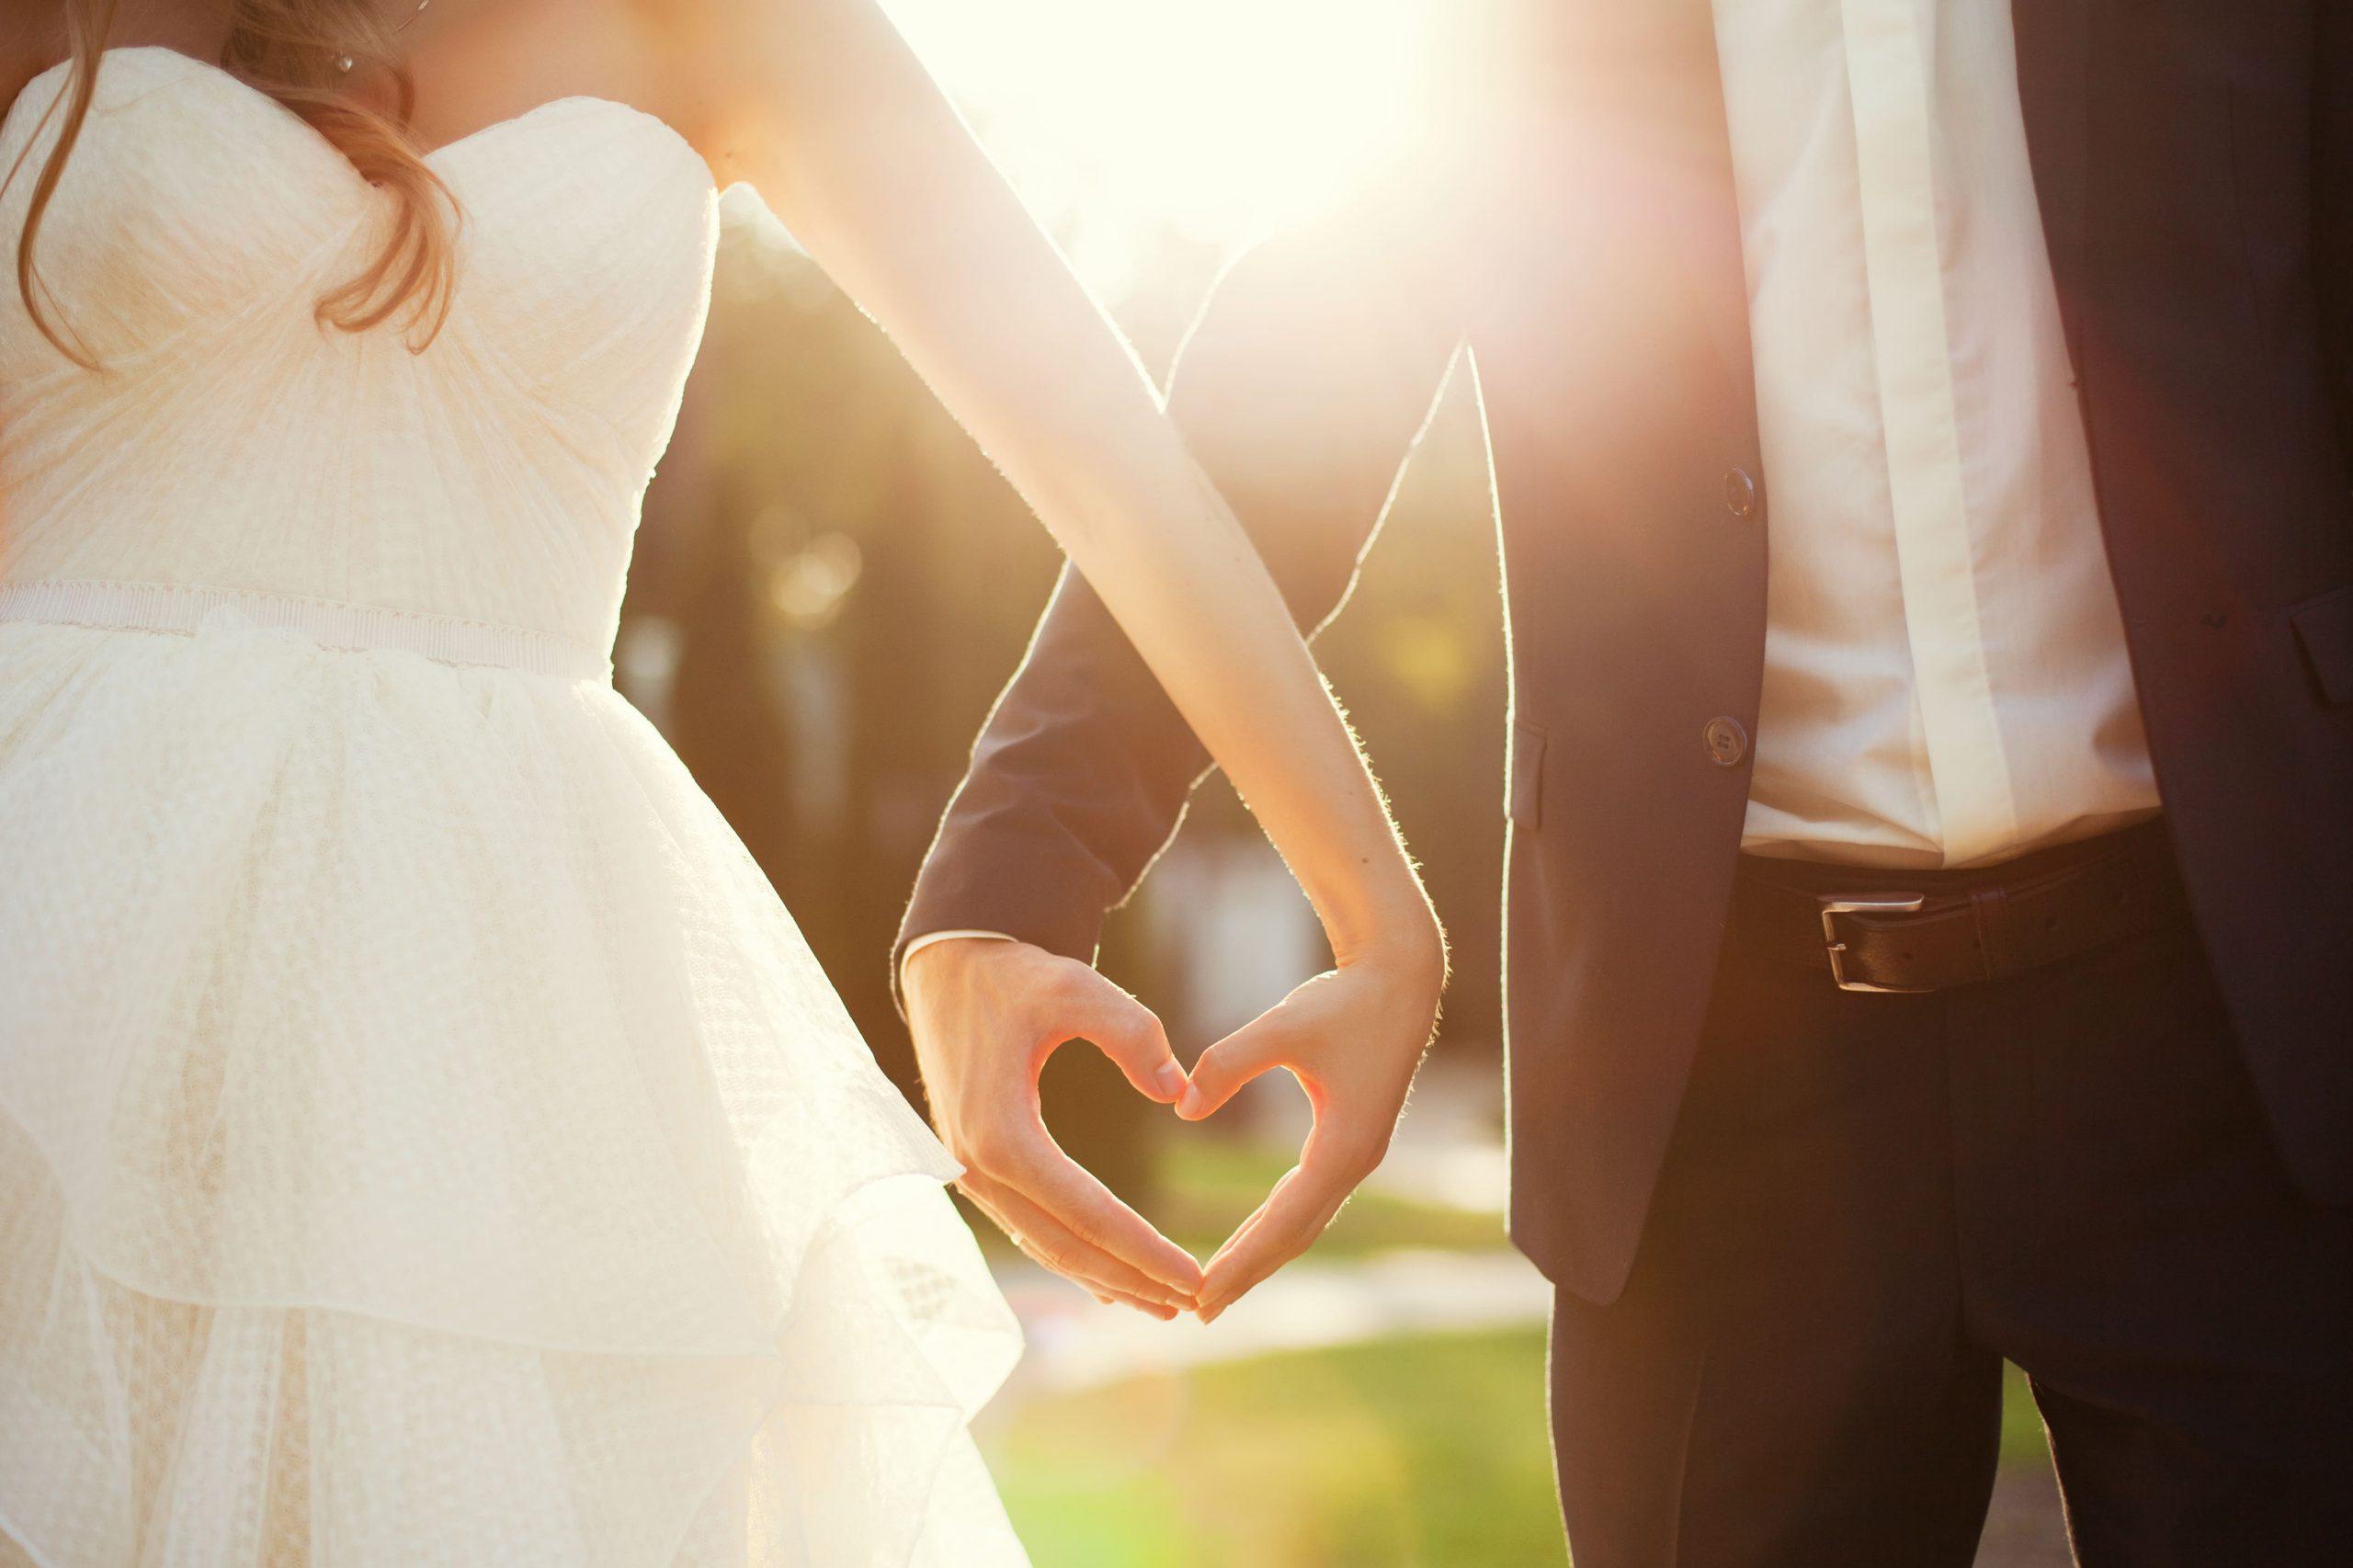 結婚内祝い(結婚祝いのお返し)のいろは~これでもう迷わない!~